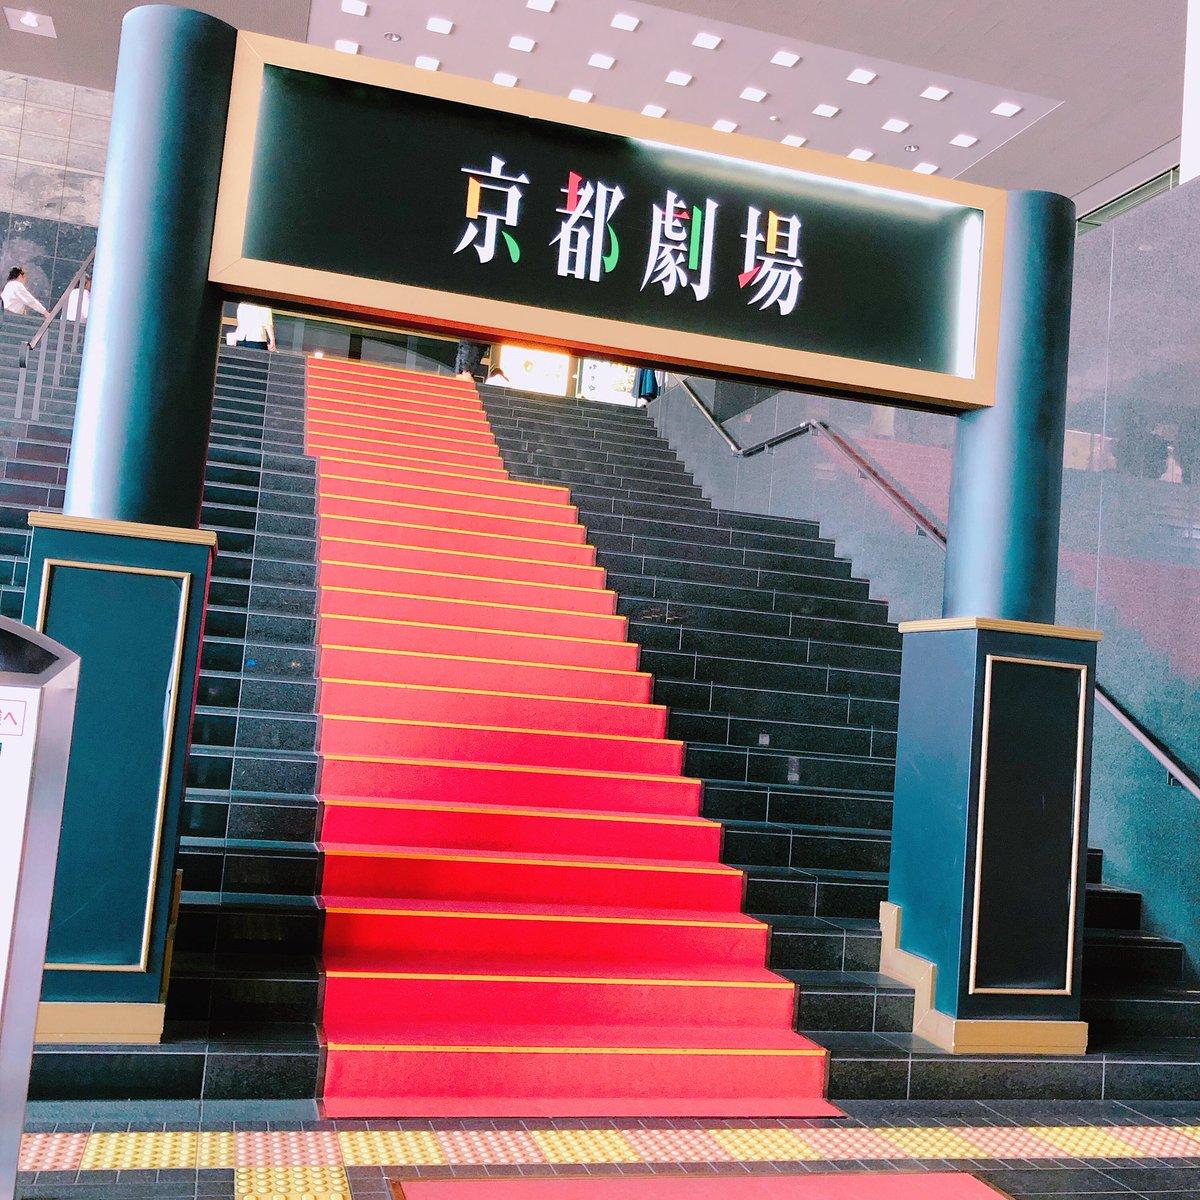 test ツイッターメディア - え、慎吾ちゃん吾郎ちゃんも💚💗 全く気付かず( ;∀;)💦  つよぽんの舞台初観劇✨ いっぱい笑ってほっこりしました。  スヌーピーミュージアム展にも行けて ハッピー🐶💛  #家族のはなしPART1 #家族のはなし #京都劇場 #草彅剛 #稲垣吾郎 #香取慎吾 https://t.co/kSVeMOEhcj